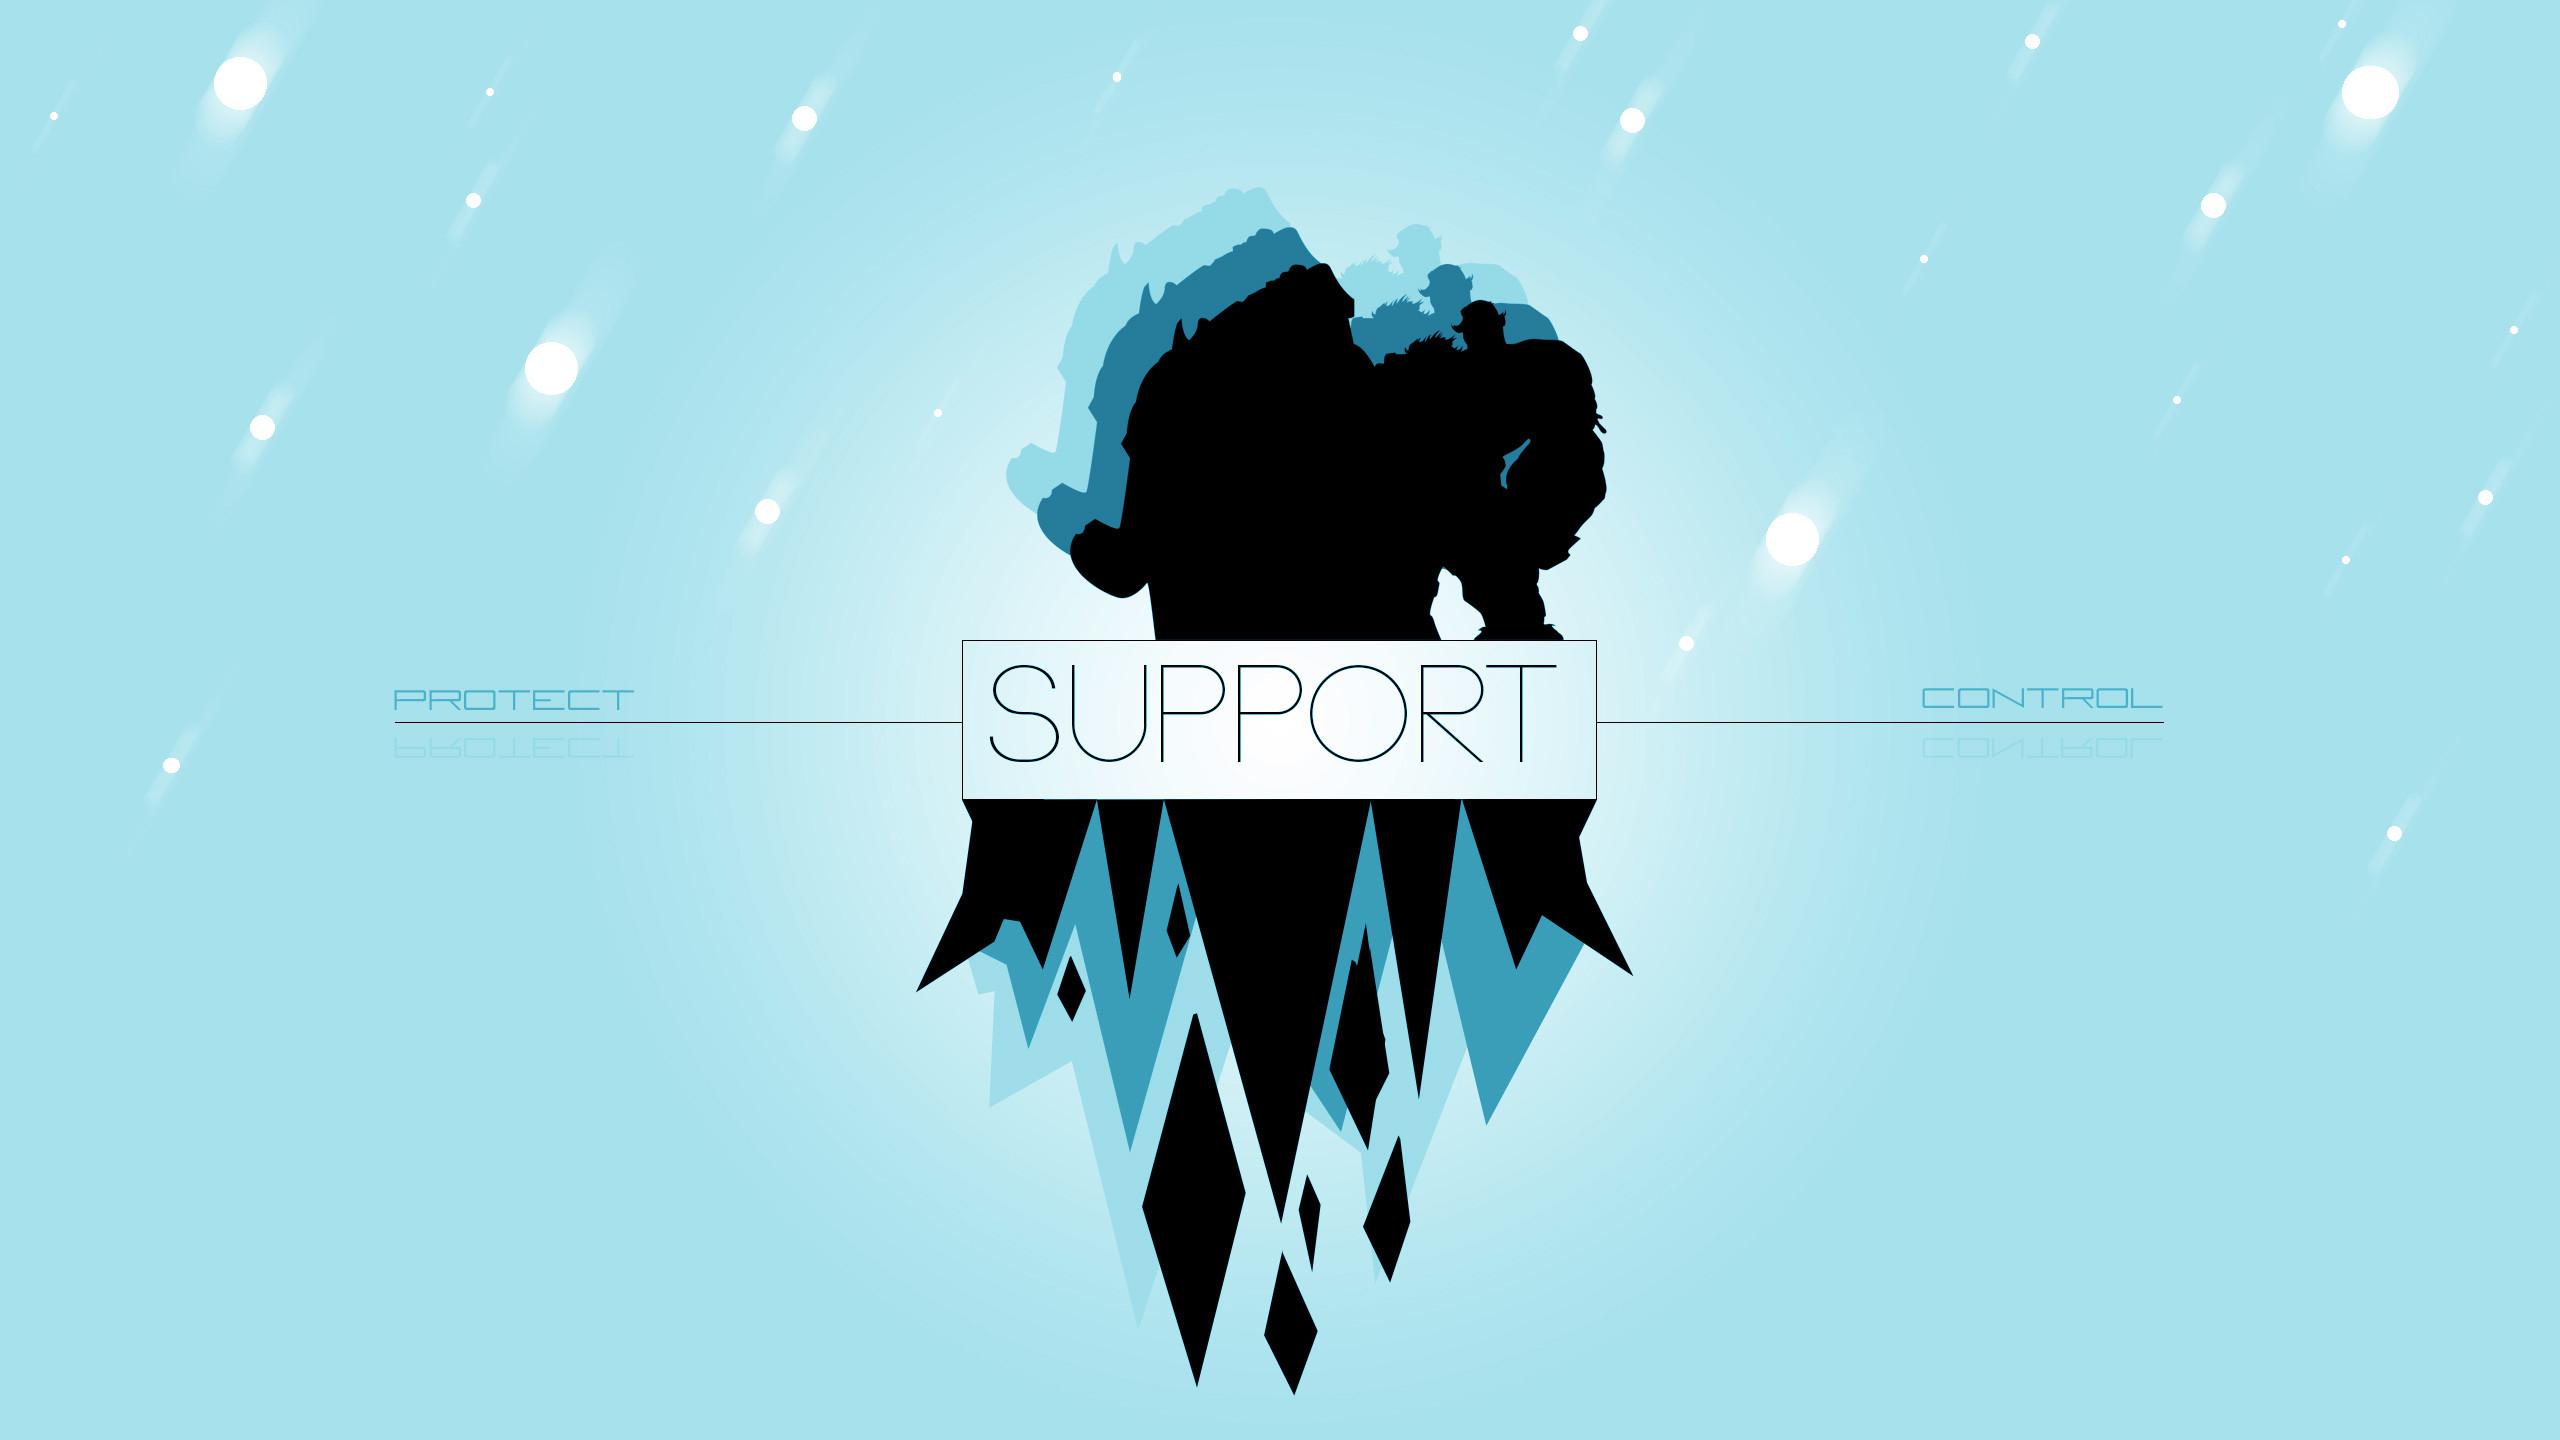 Support by Aynoe (2) HD Wallpaper Fan Art Artwork League of Legends lol